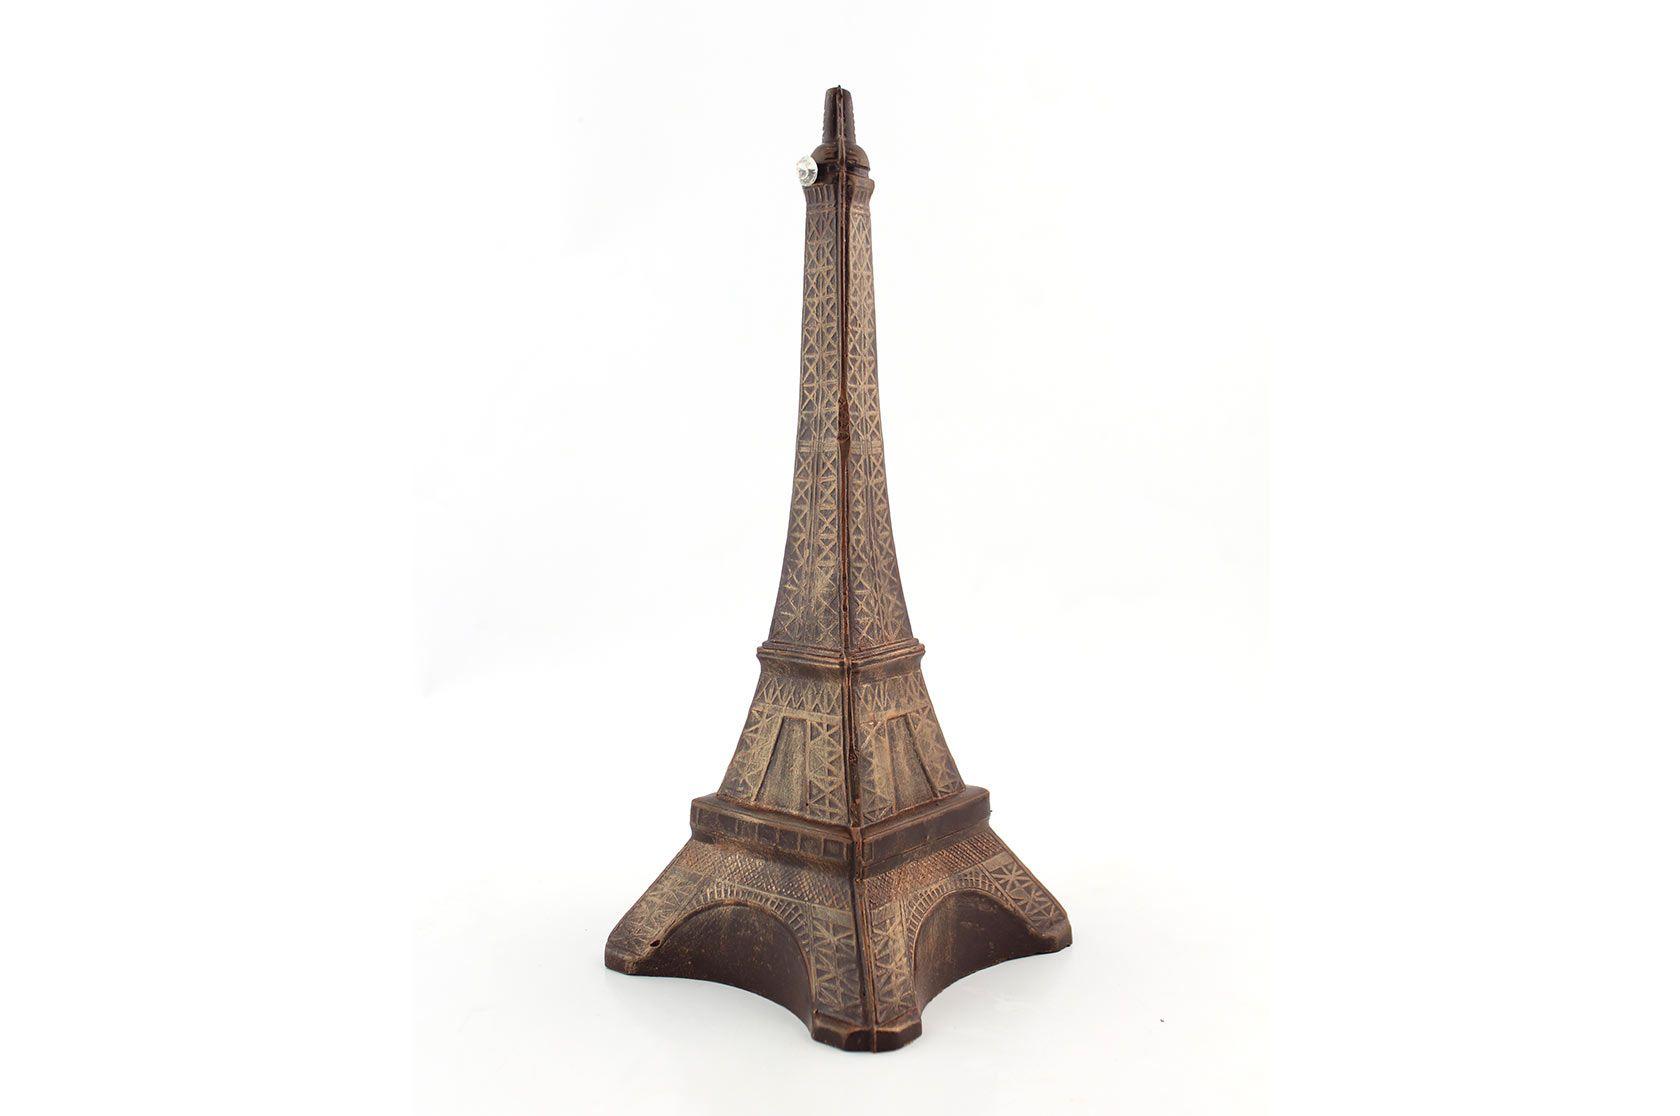 Grande tour Eiffel entièrement en chocolat. Emballage papier cadeau. Hauteur : 32cm - Largeur : 12cm. Poids : 250gr.